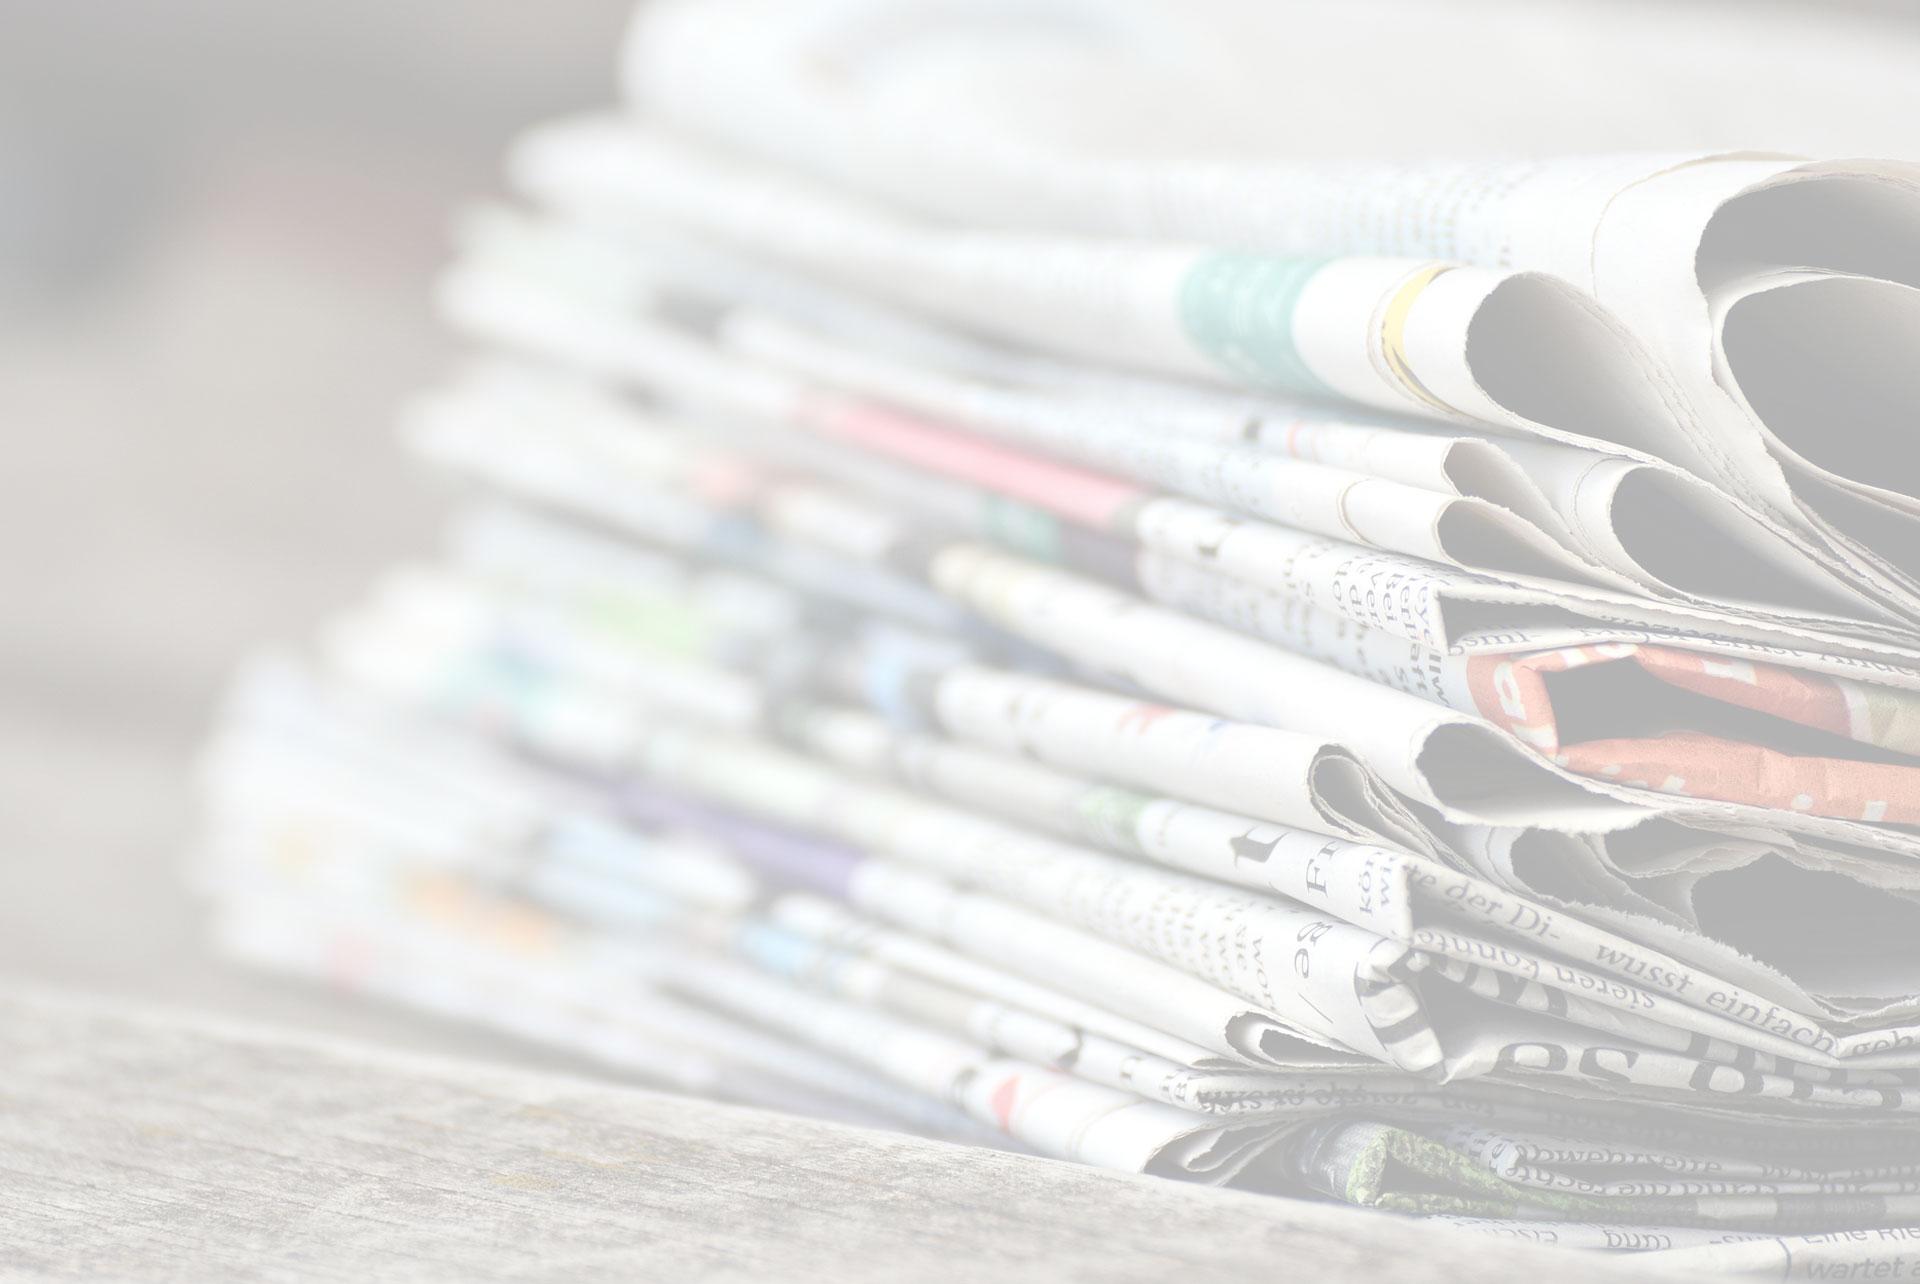 PX come raffreddare un PC portatile che scalda